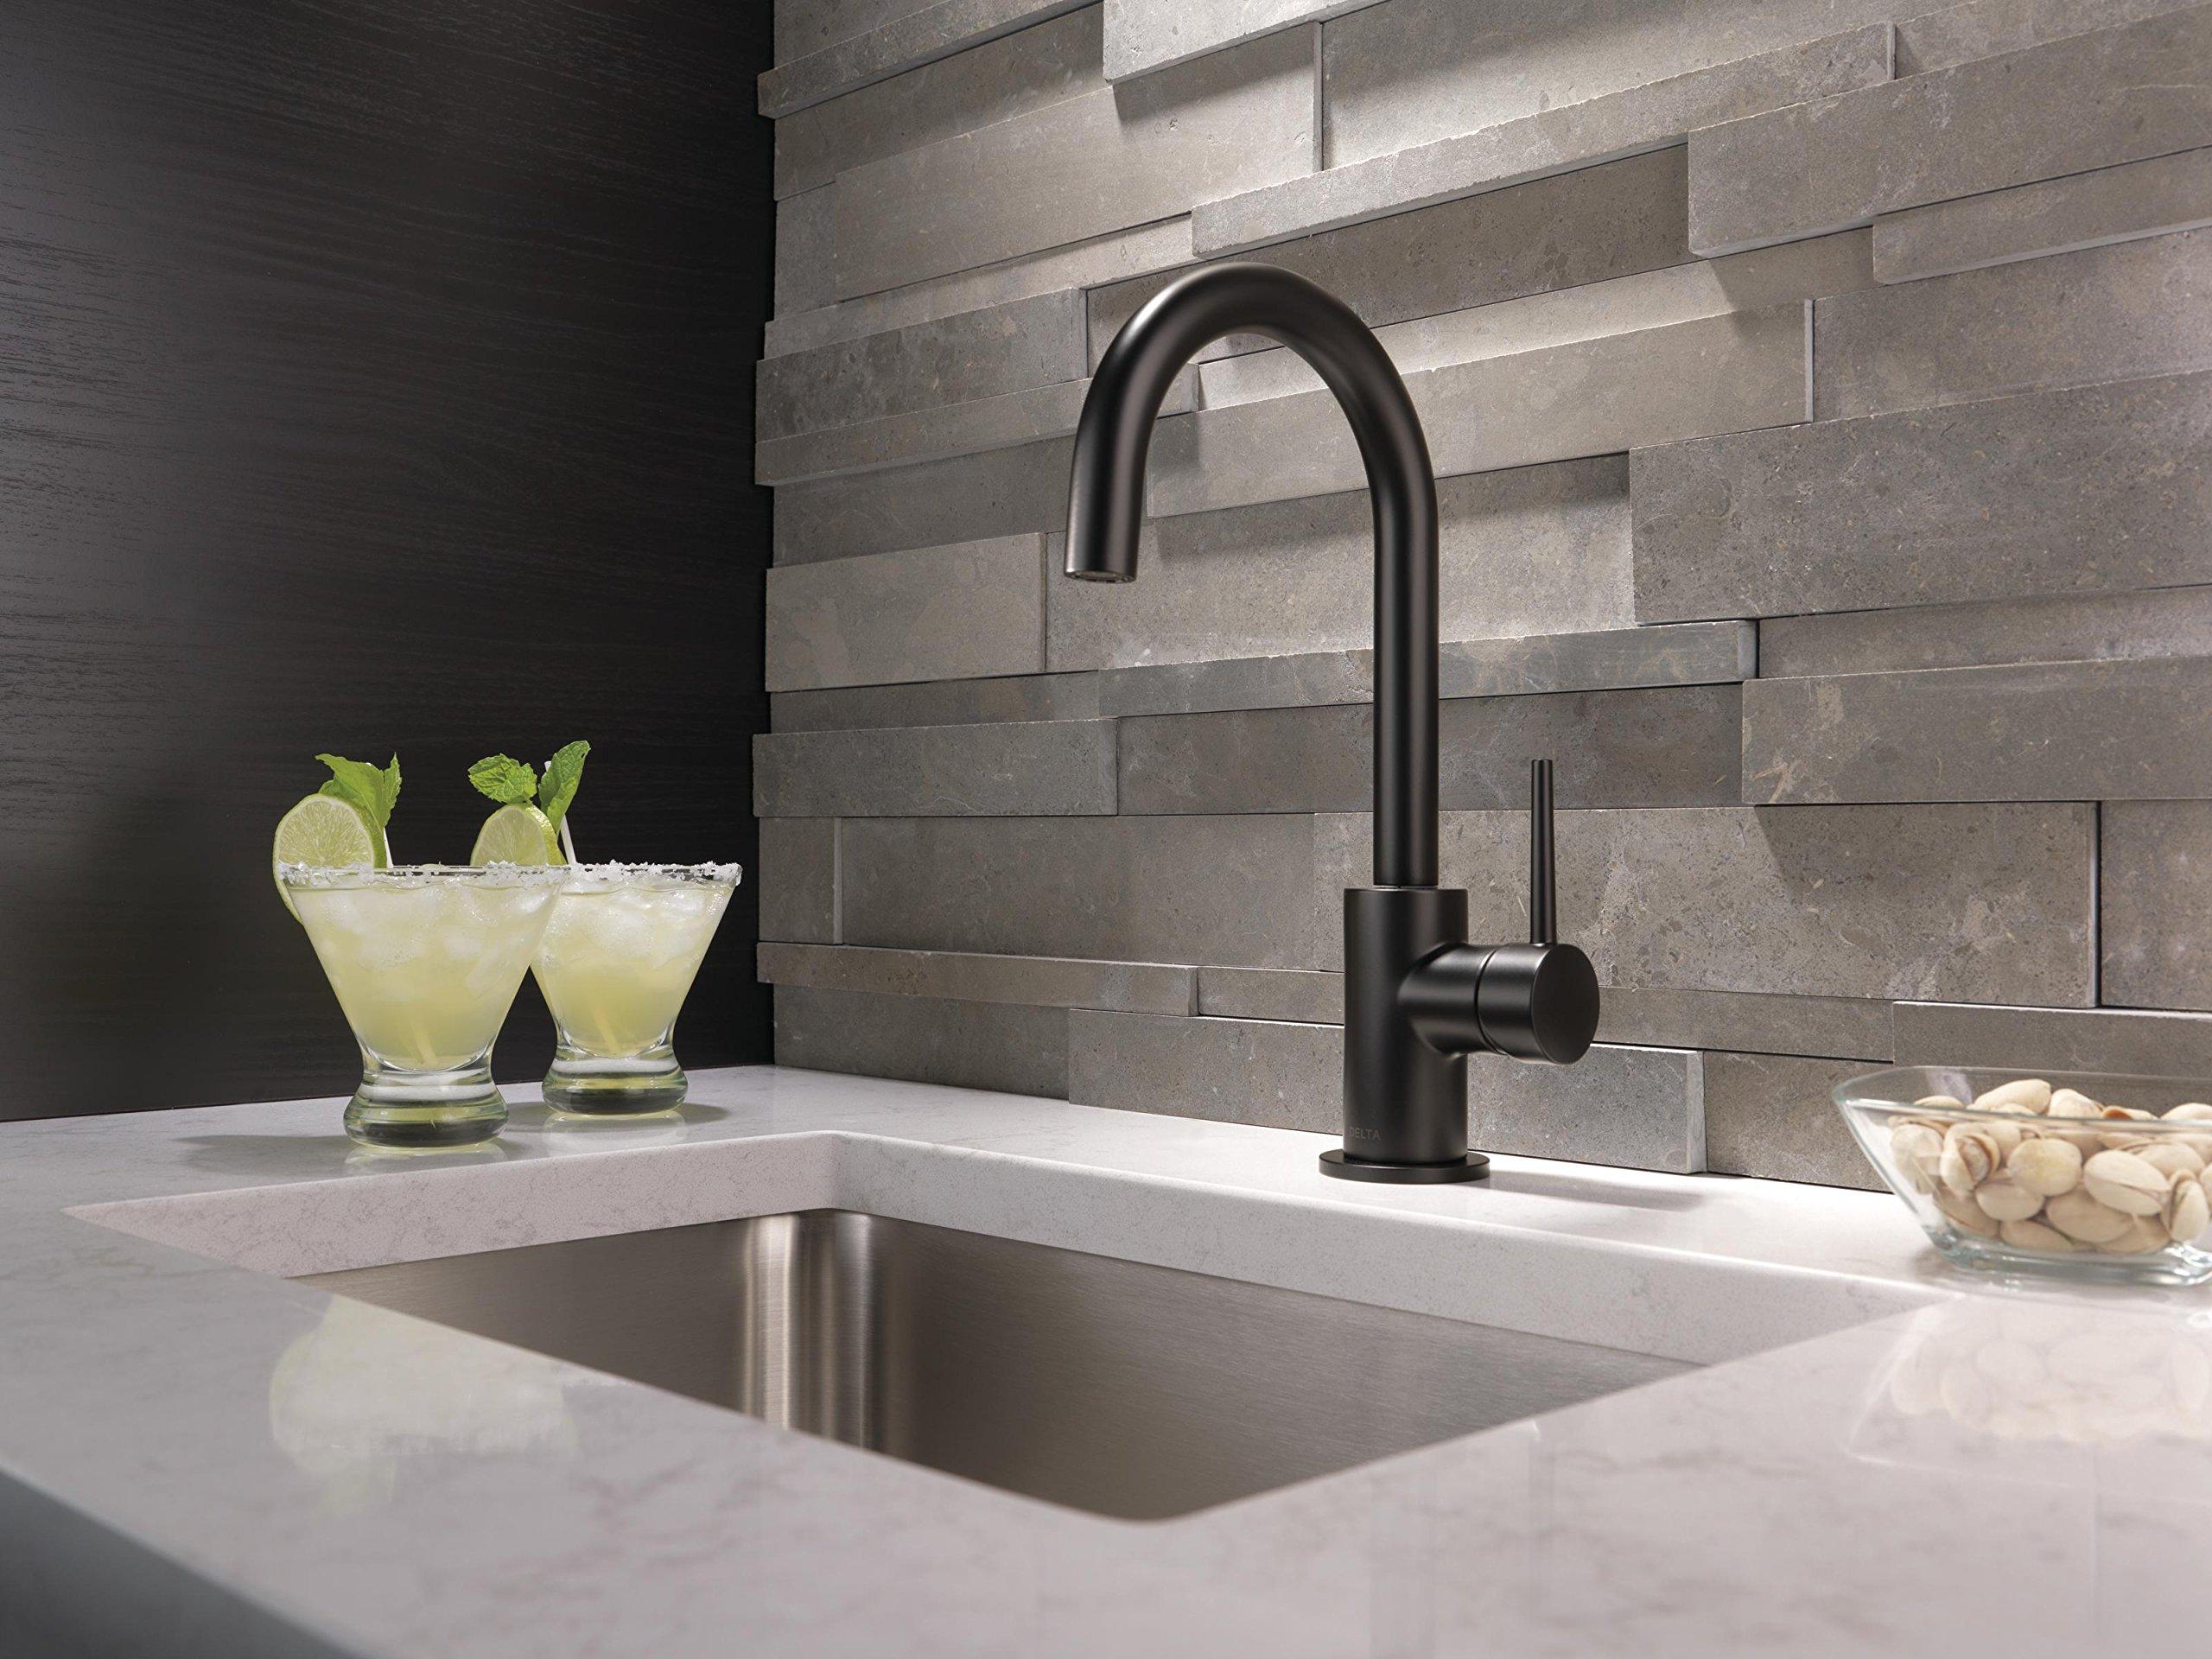 Delta Faucet Trinsic Single-Handle Bar-Prep Kitchen Sink Faucet, Matte Black 1959LF-BL by DELTA FAUCET (Image #4)